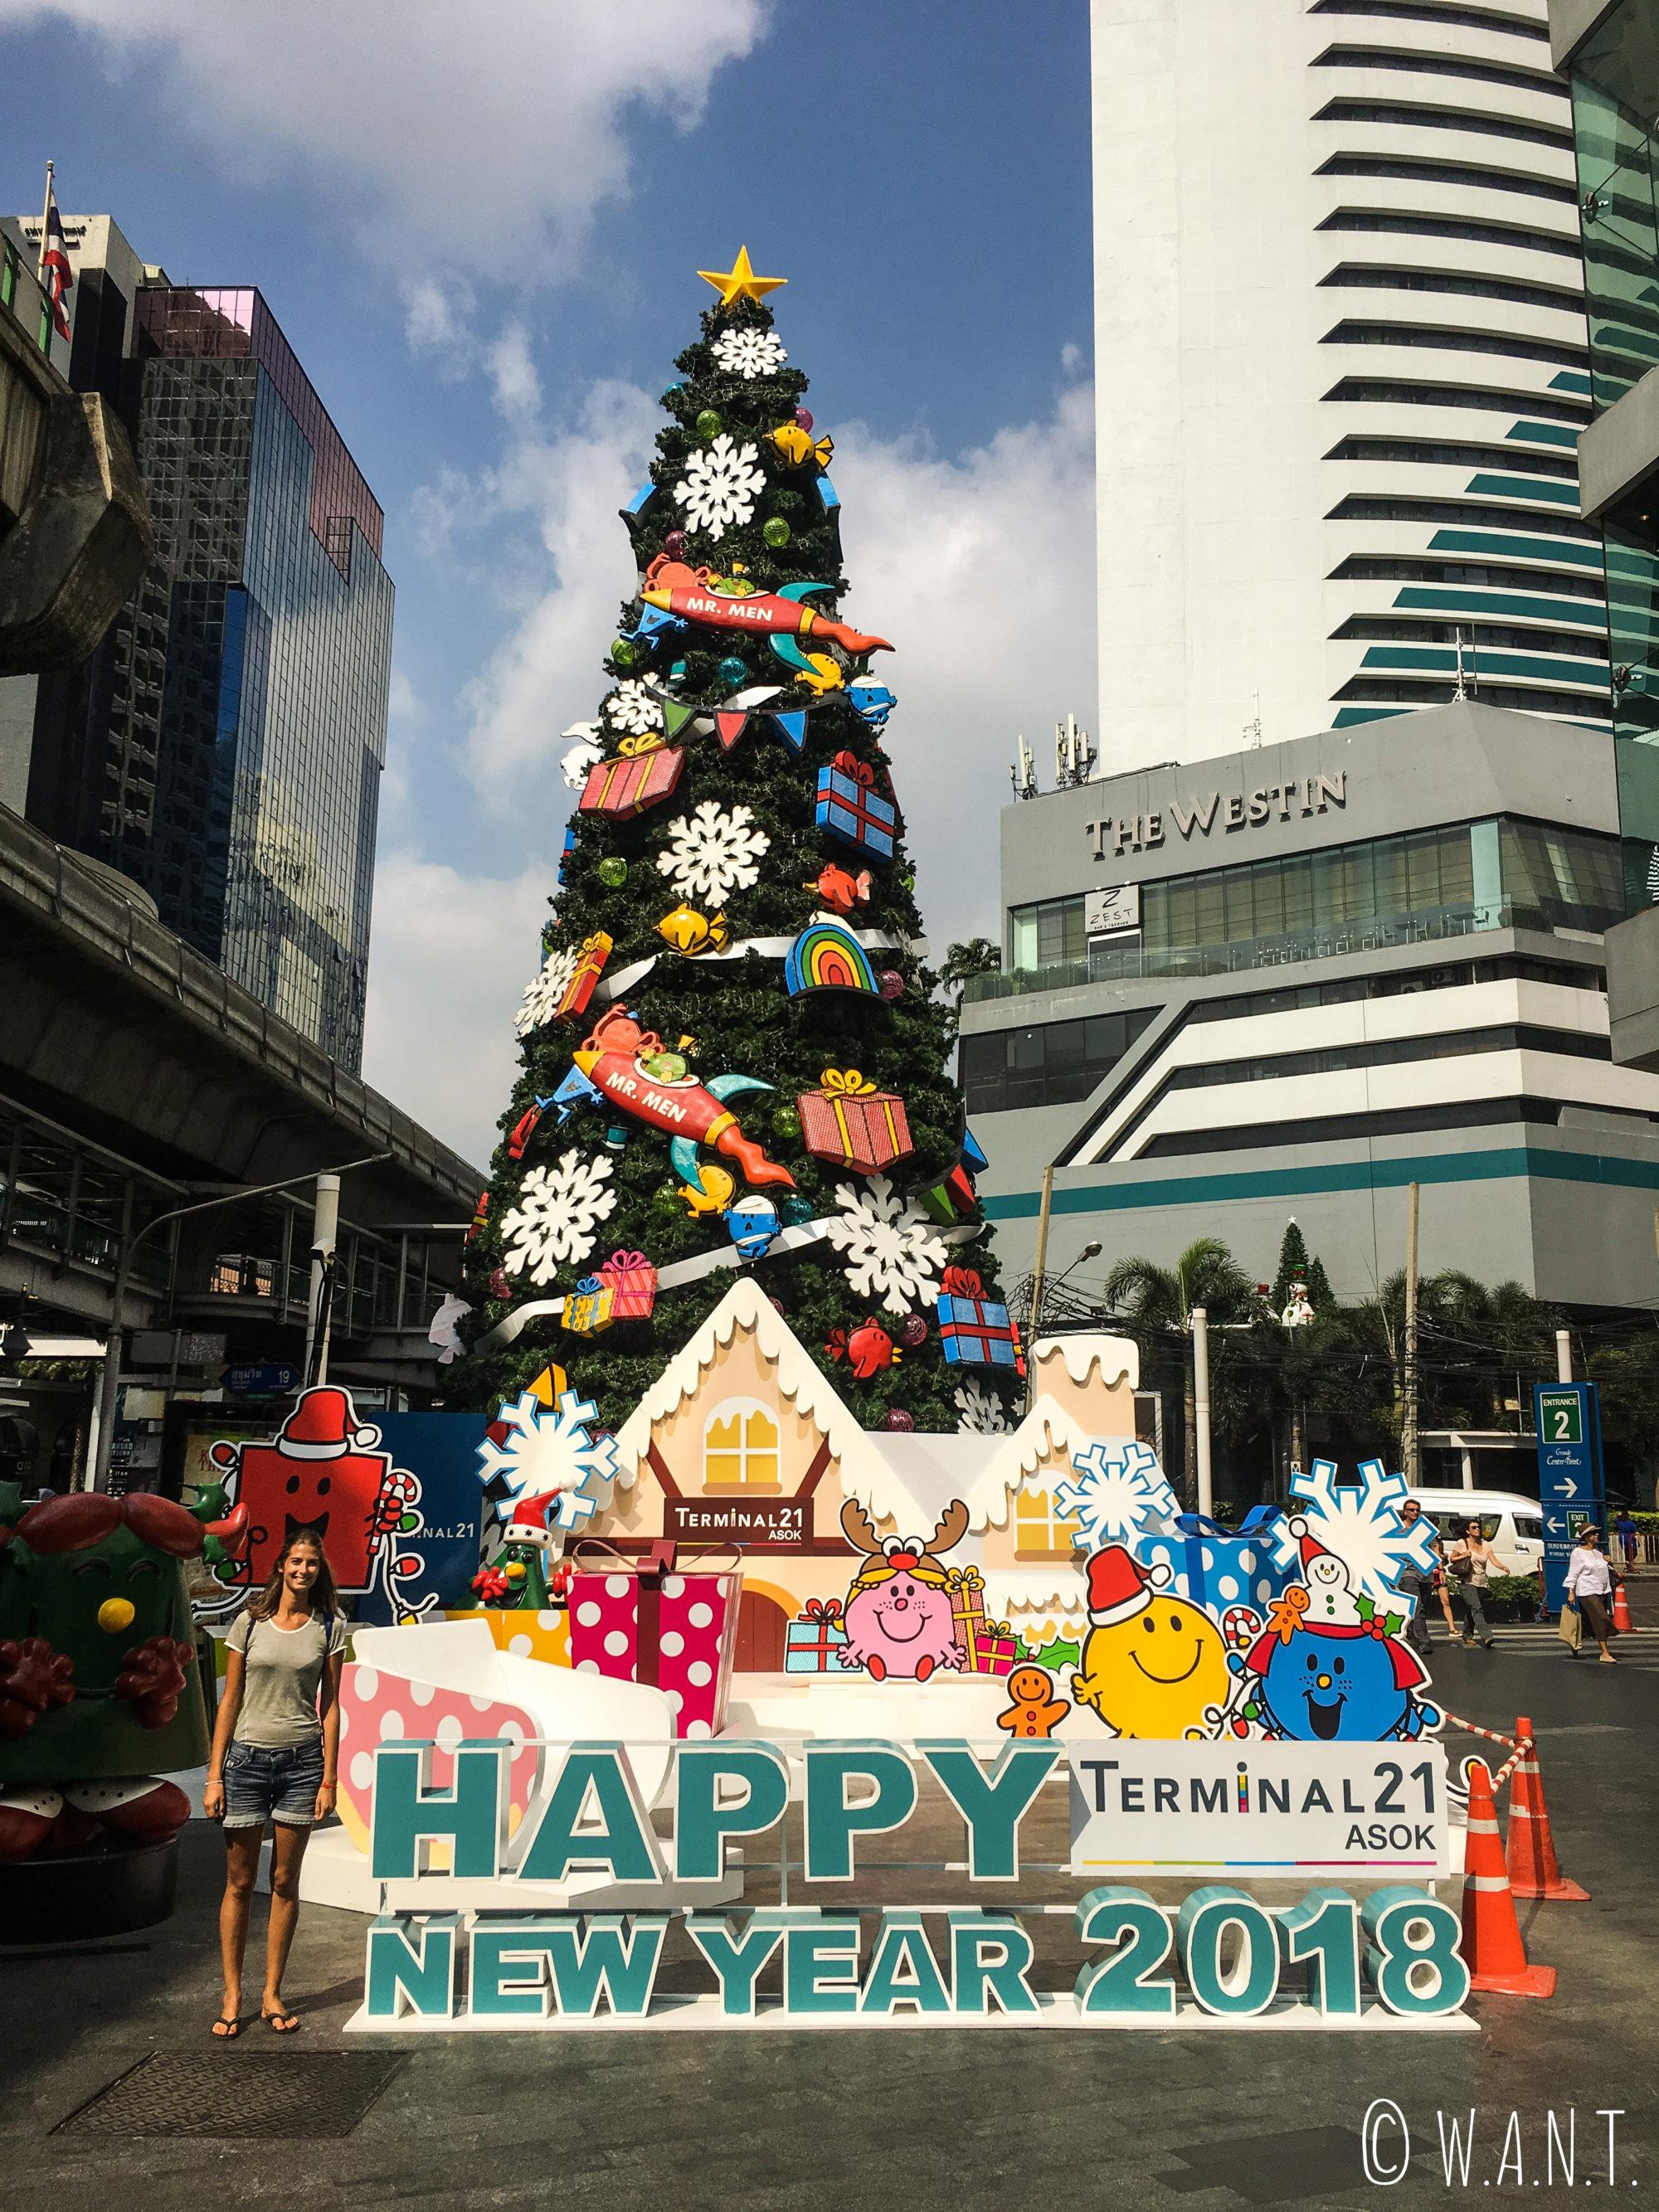 Marion pose aux côtés du sapin de Noël du Terminal 21